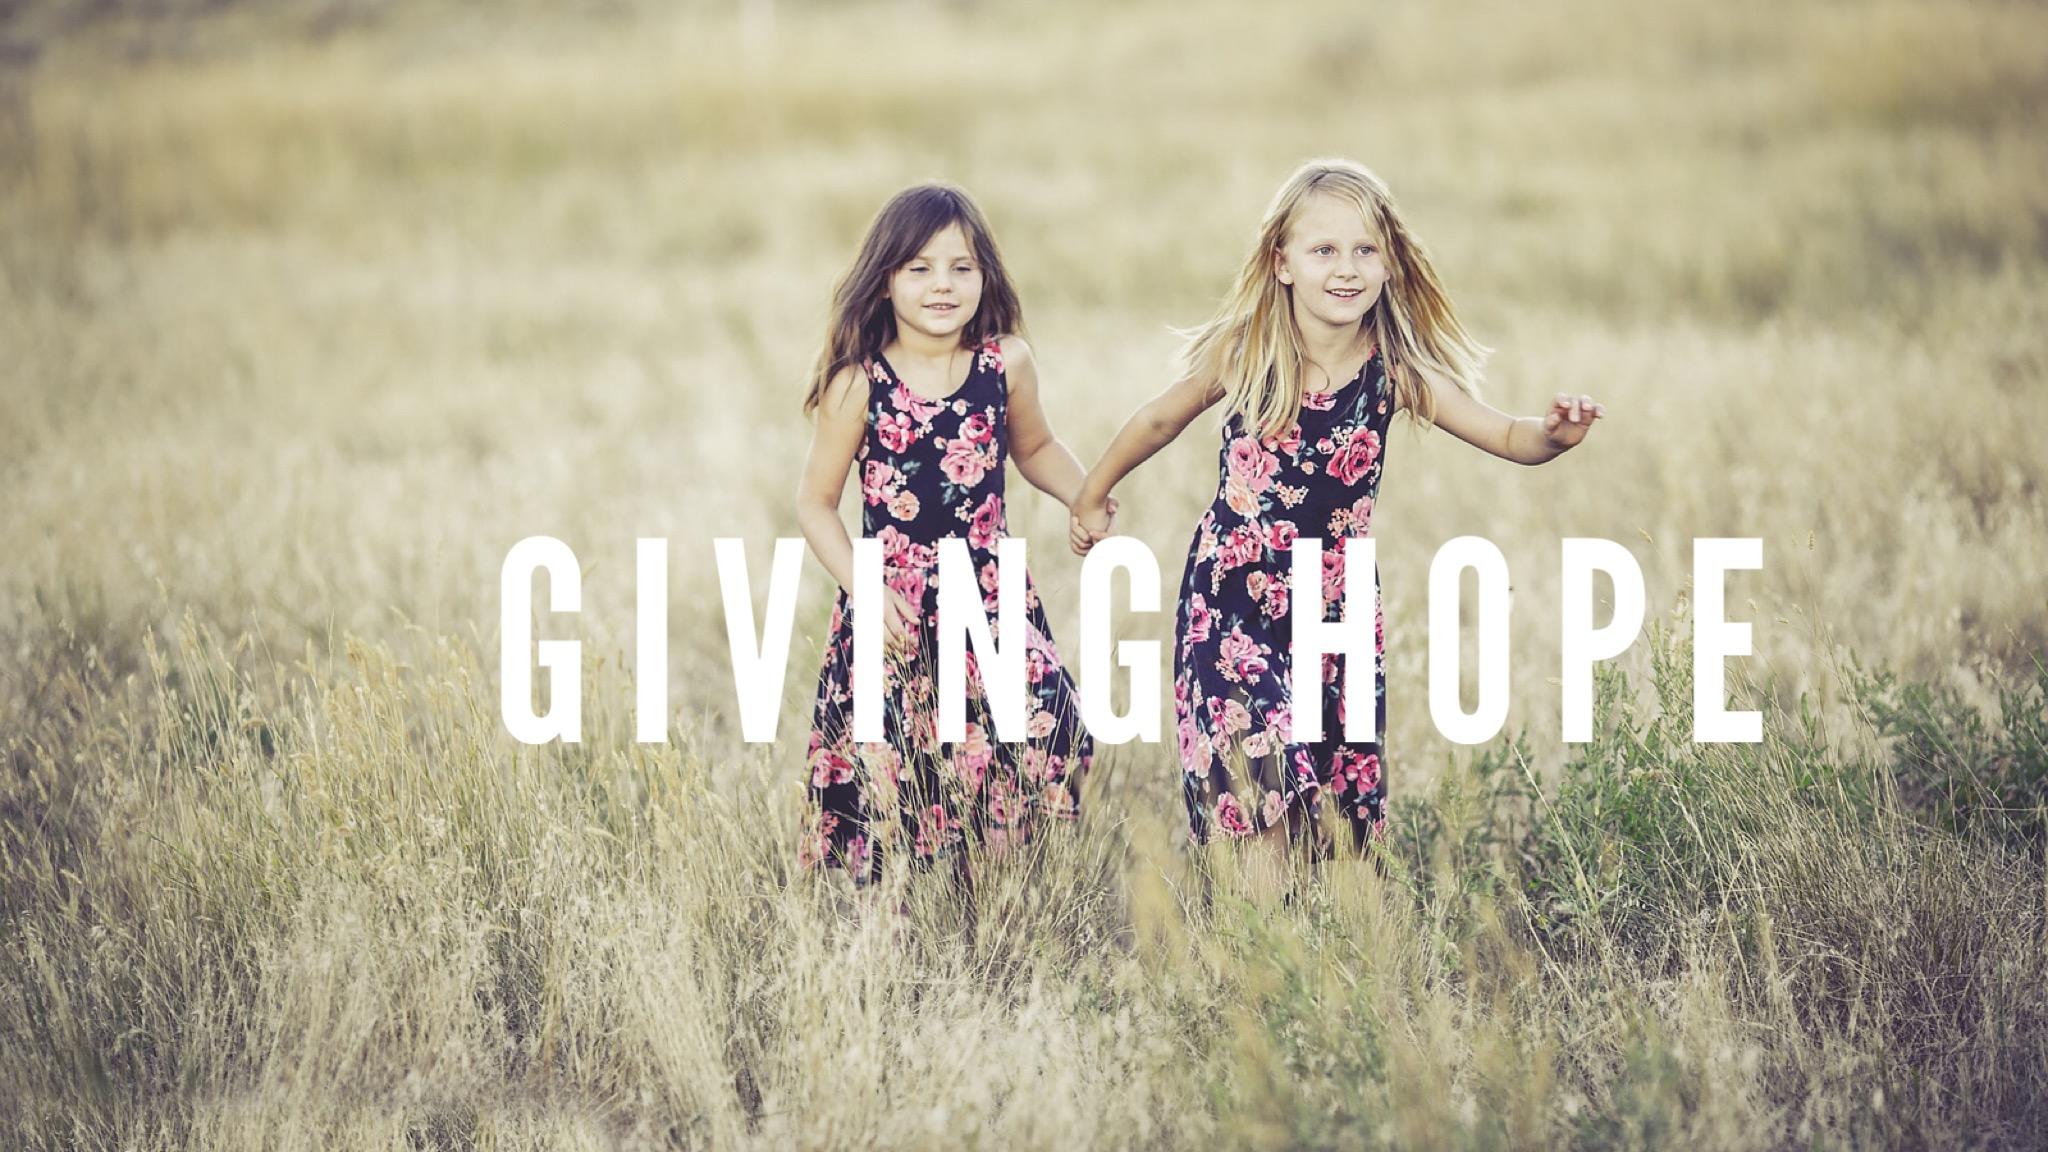 Children around the world need hope